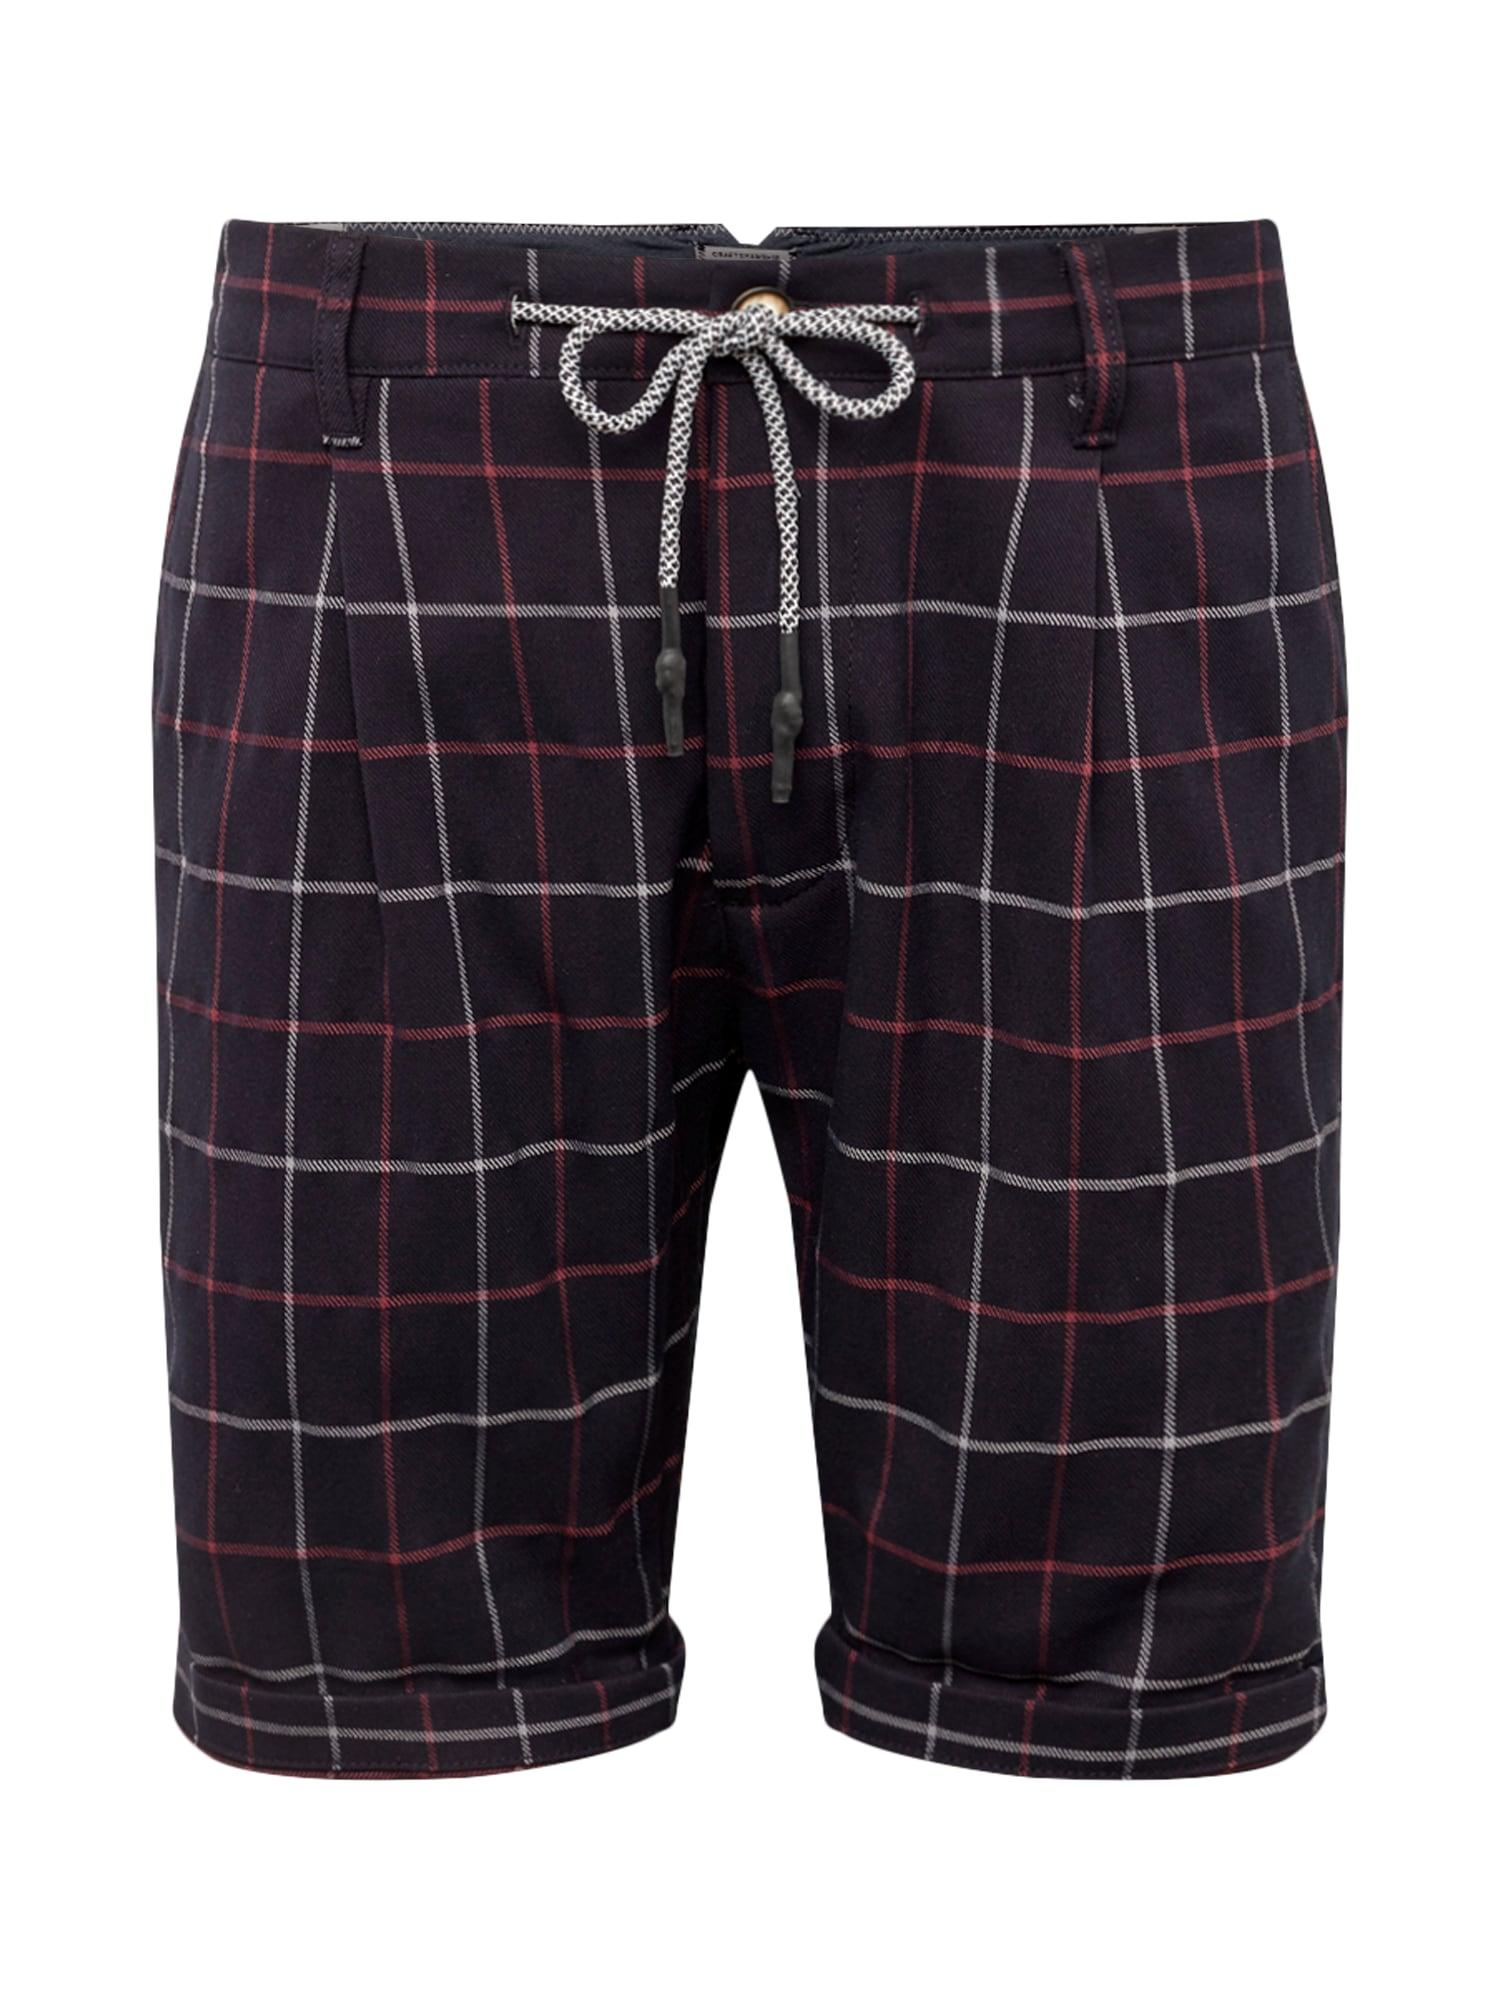 Kalhoty se sklady v pase ARROW CHECK tmavě modrá červená bílá JACK & JONES